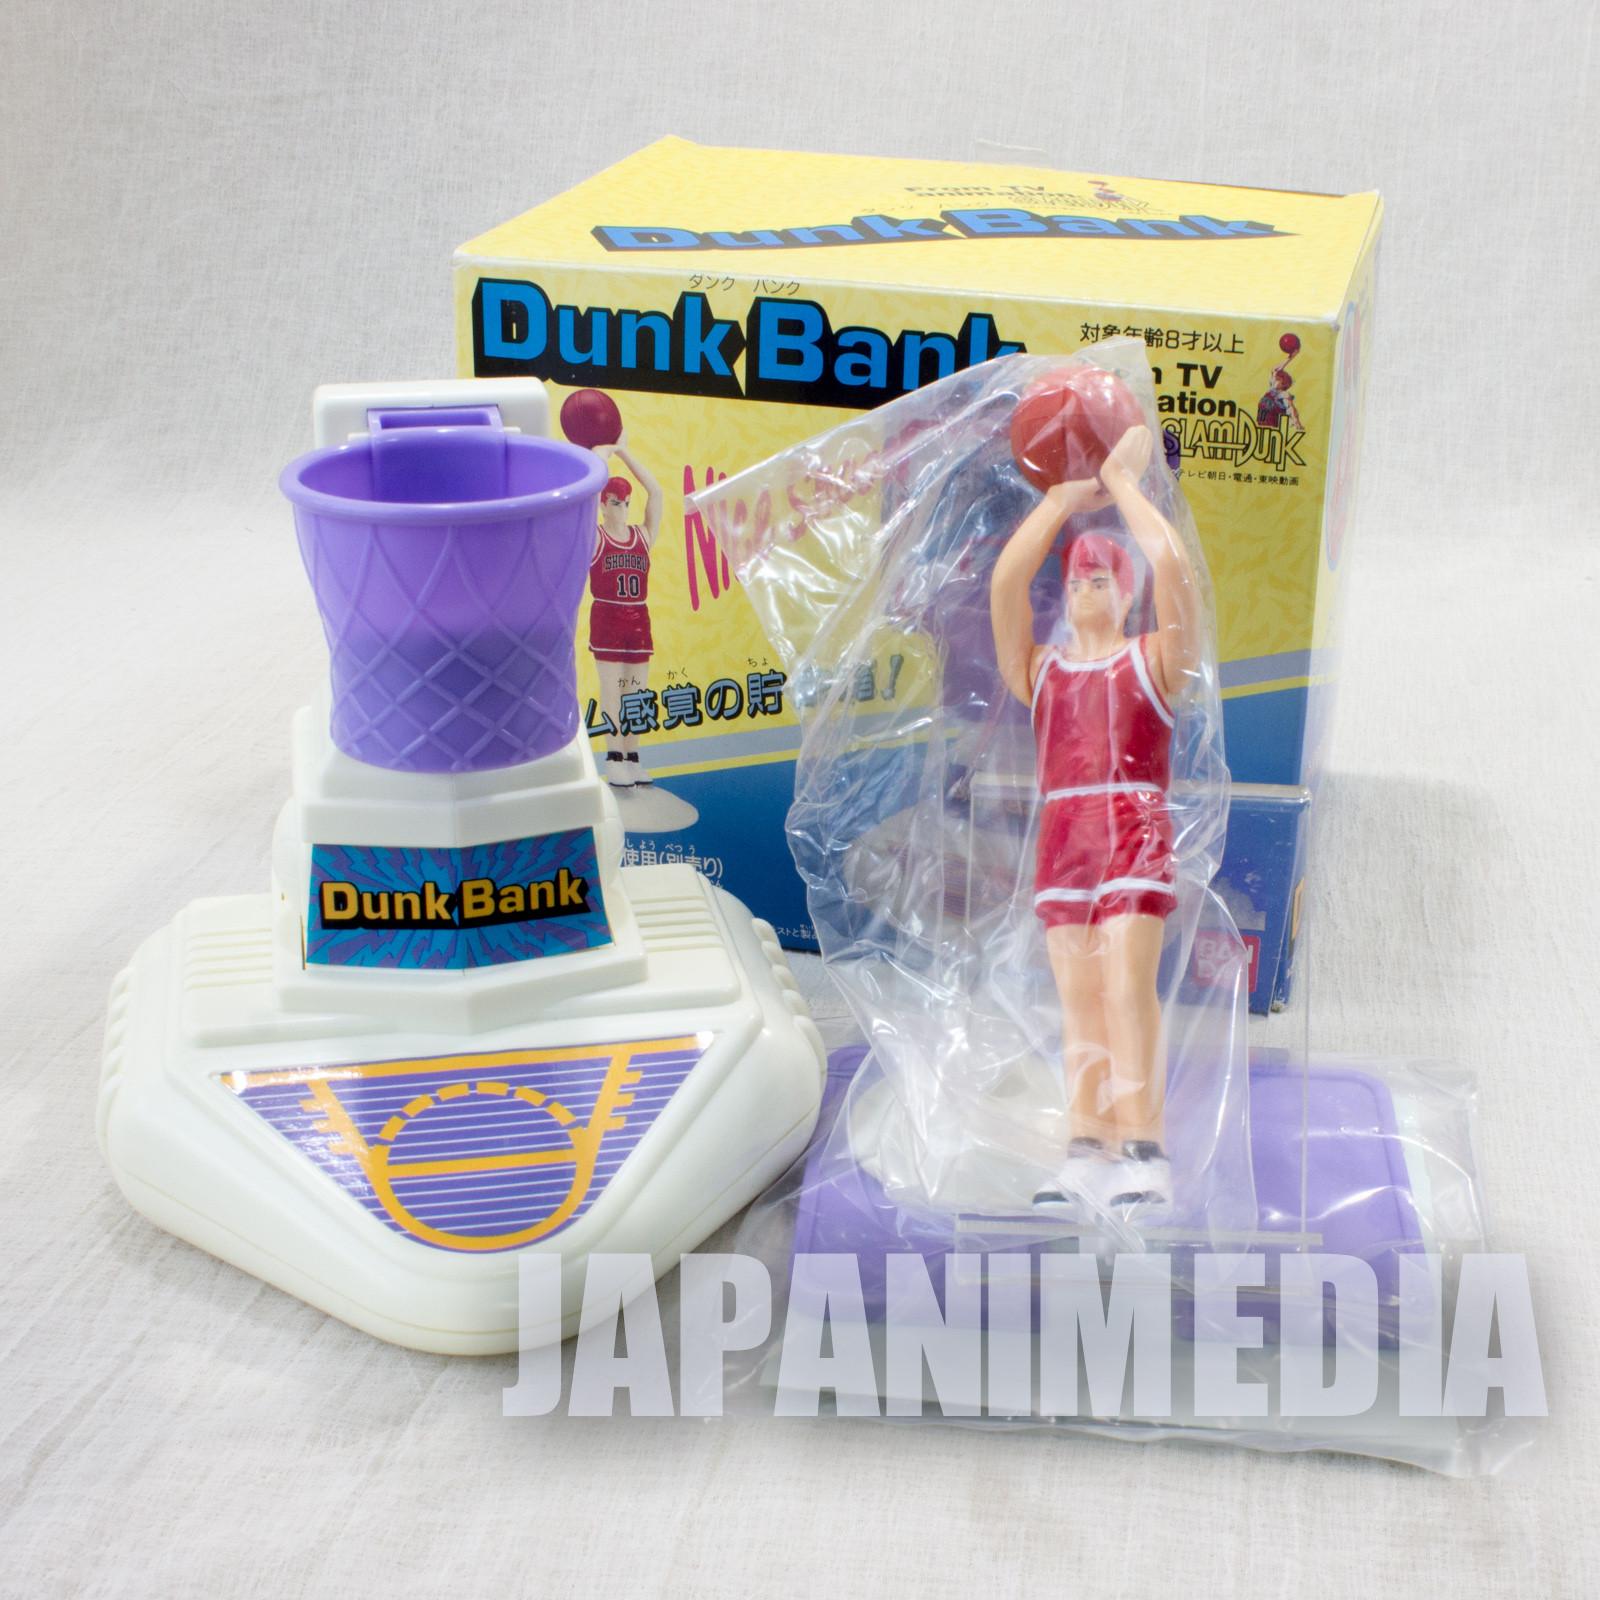 Retro RARE! SLAM DUNK Voice Sound Coin Bank Game Hanamichi Sakuragi Shonen Jump